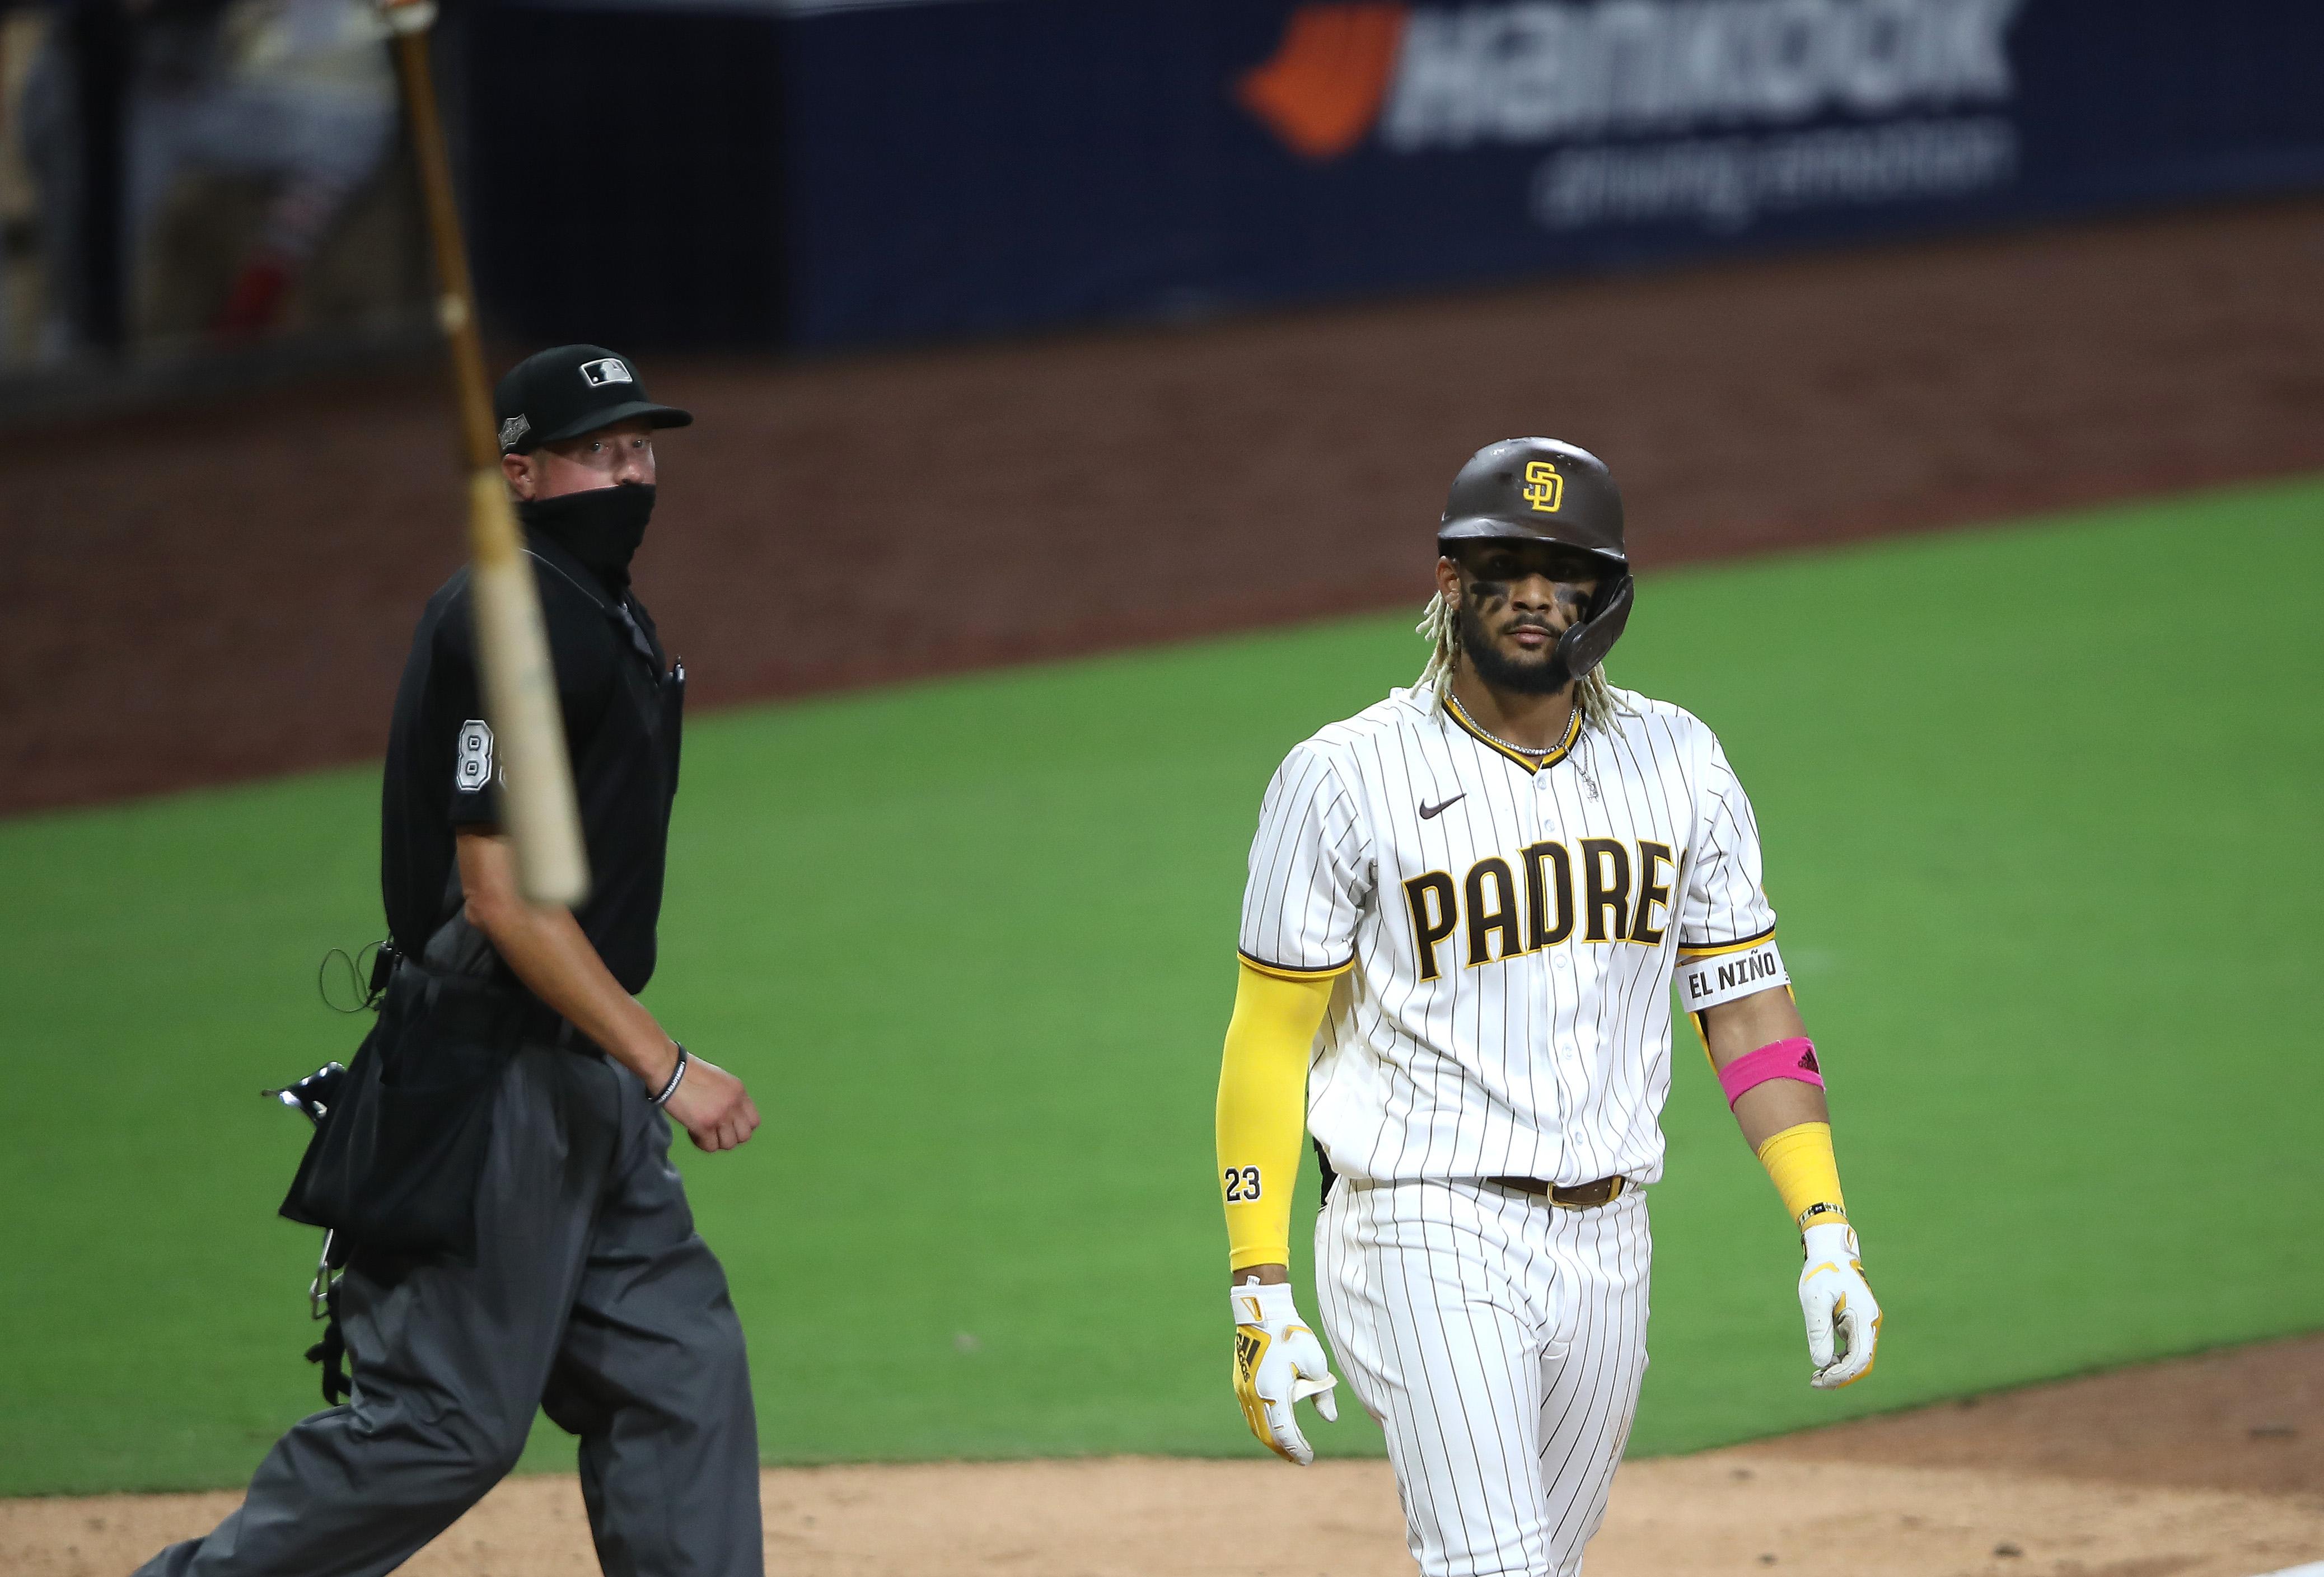 野生卡片圆 - 圣路易斯红雀队v San Diego Padres  - 比赛二